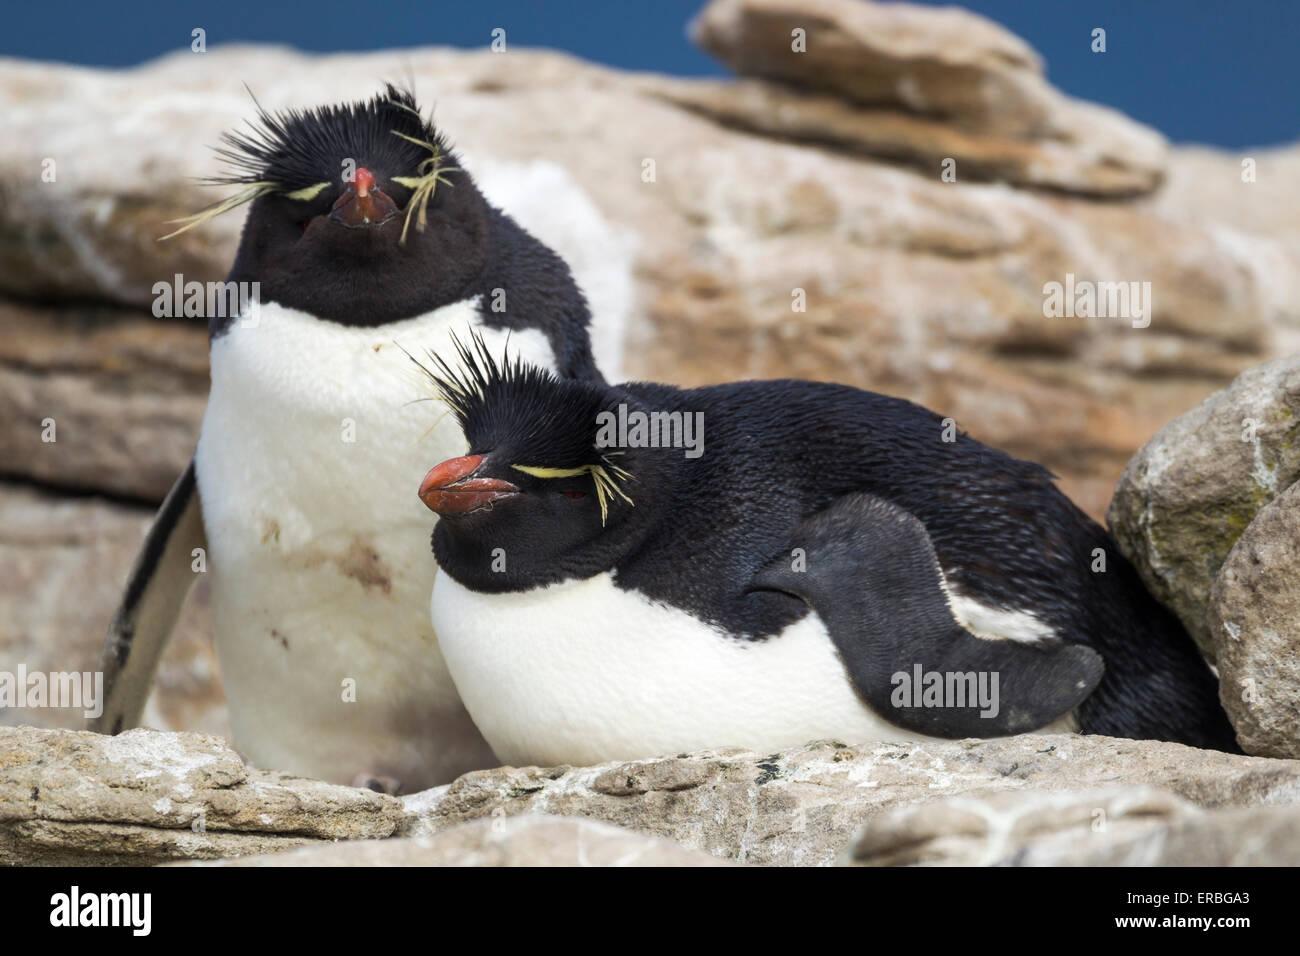 Penguin Eudyptes chrysocome Southern rockhopper, Nouvelle Île, Îles Falkland en décembre. Photo Stock